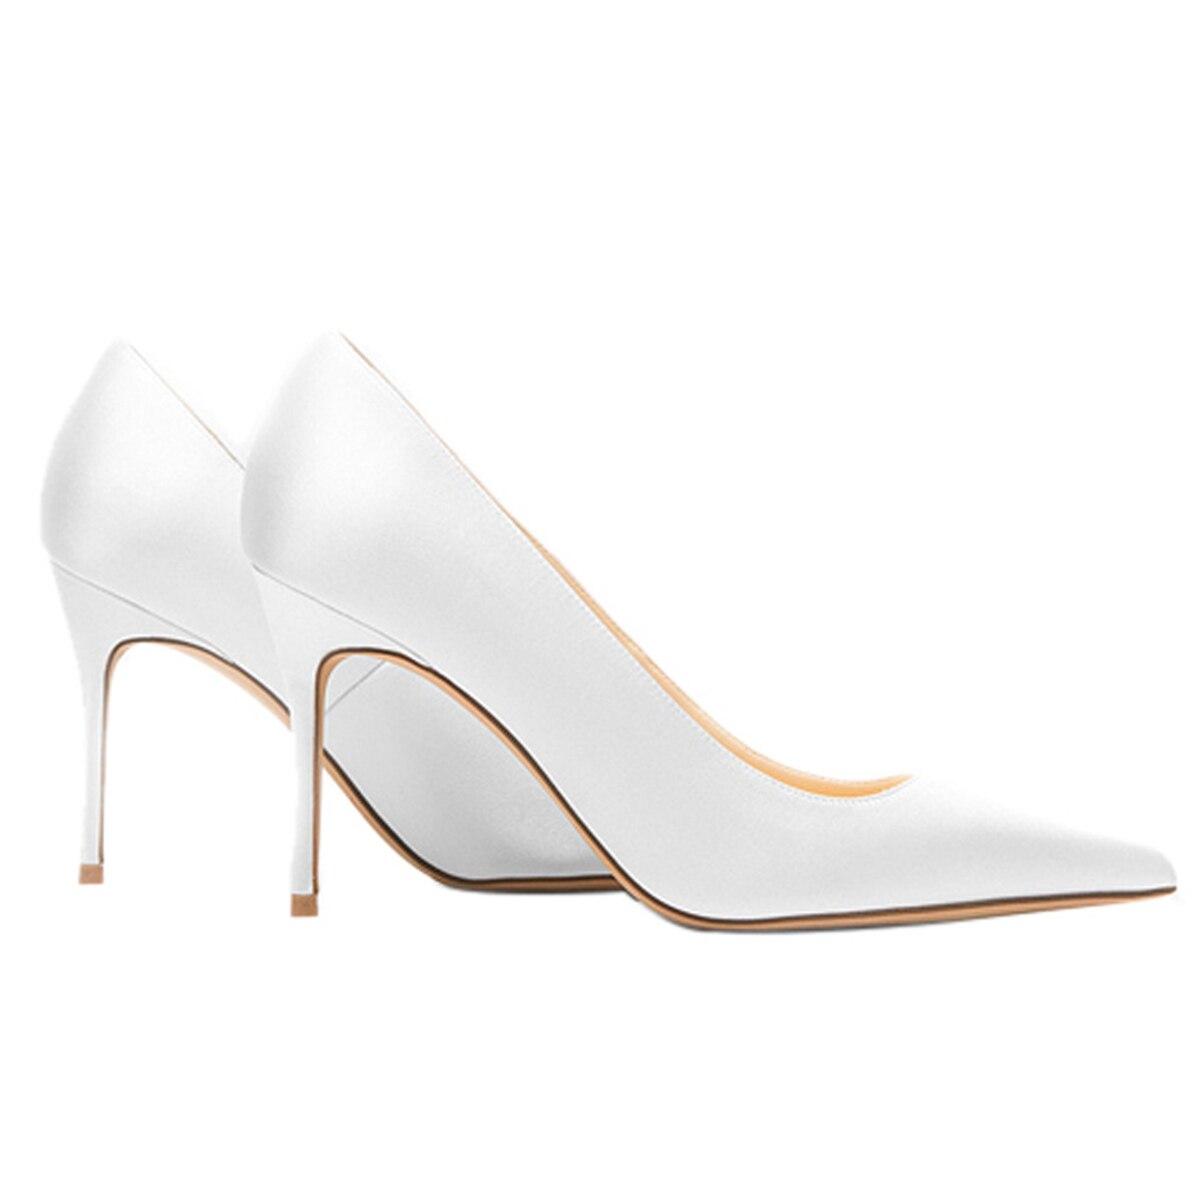 Femmes Chaussures Pompes Sexy Satin white Printemps Pointu De Hauts Vert Rouge Stilettos red Partie 8 SlipSur Automne Bout Cm Mariage Mince Talons Green 0wvmN8nO